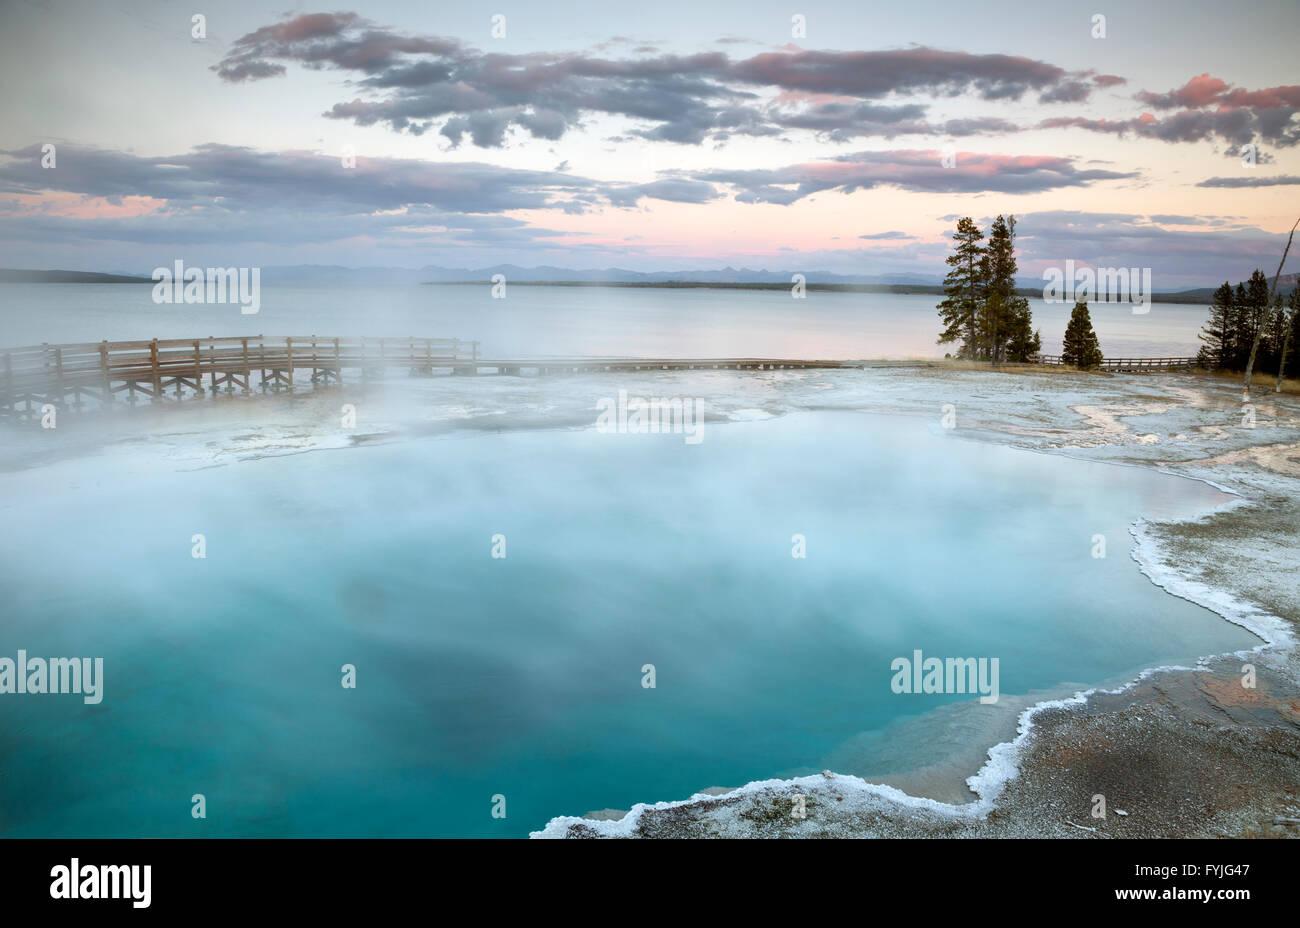 WYOMING - Noche en la piscina negra en la orilla del lago Yellowstone en el West Thumb Geyser Basin en el Parque Imagen De Stock